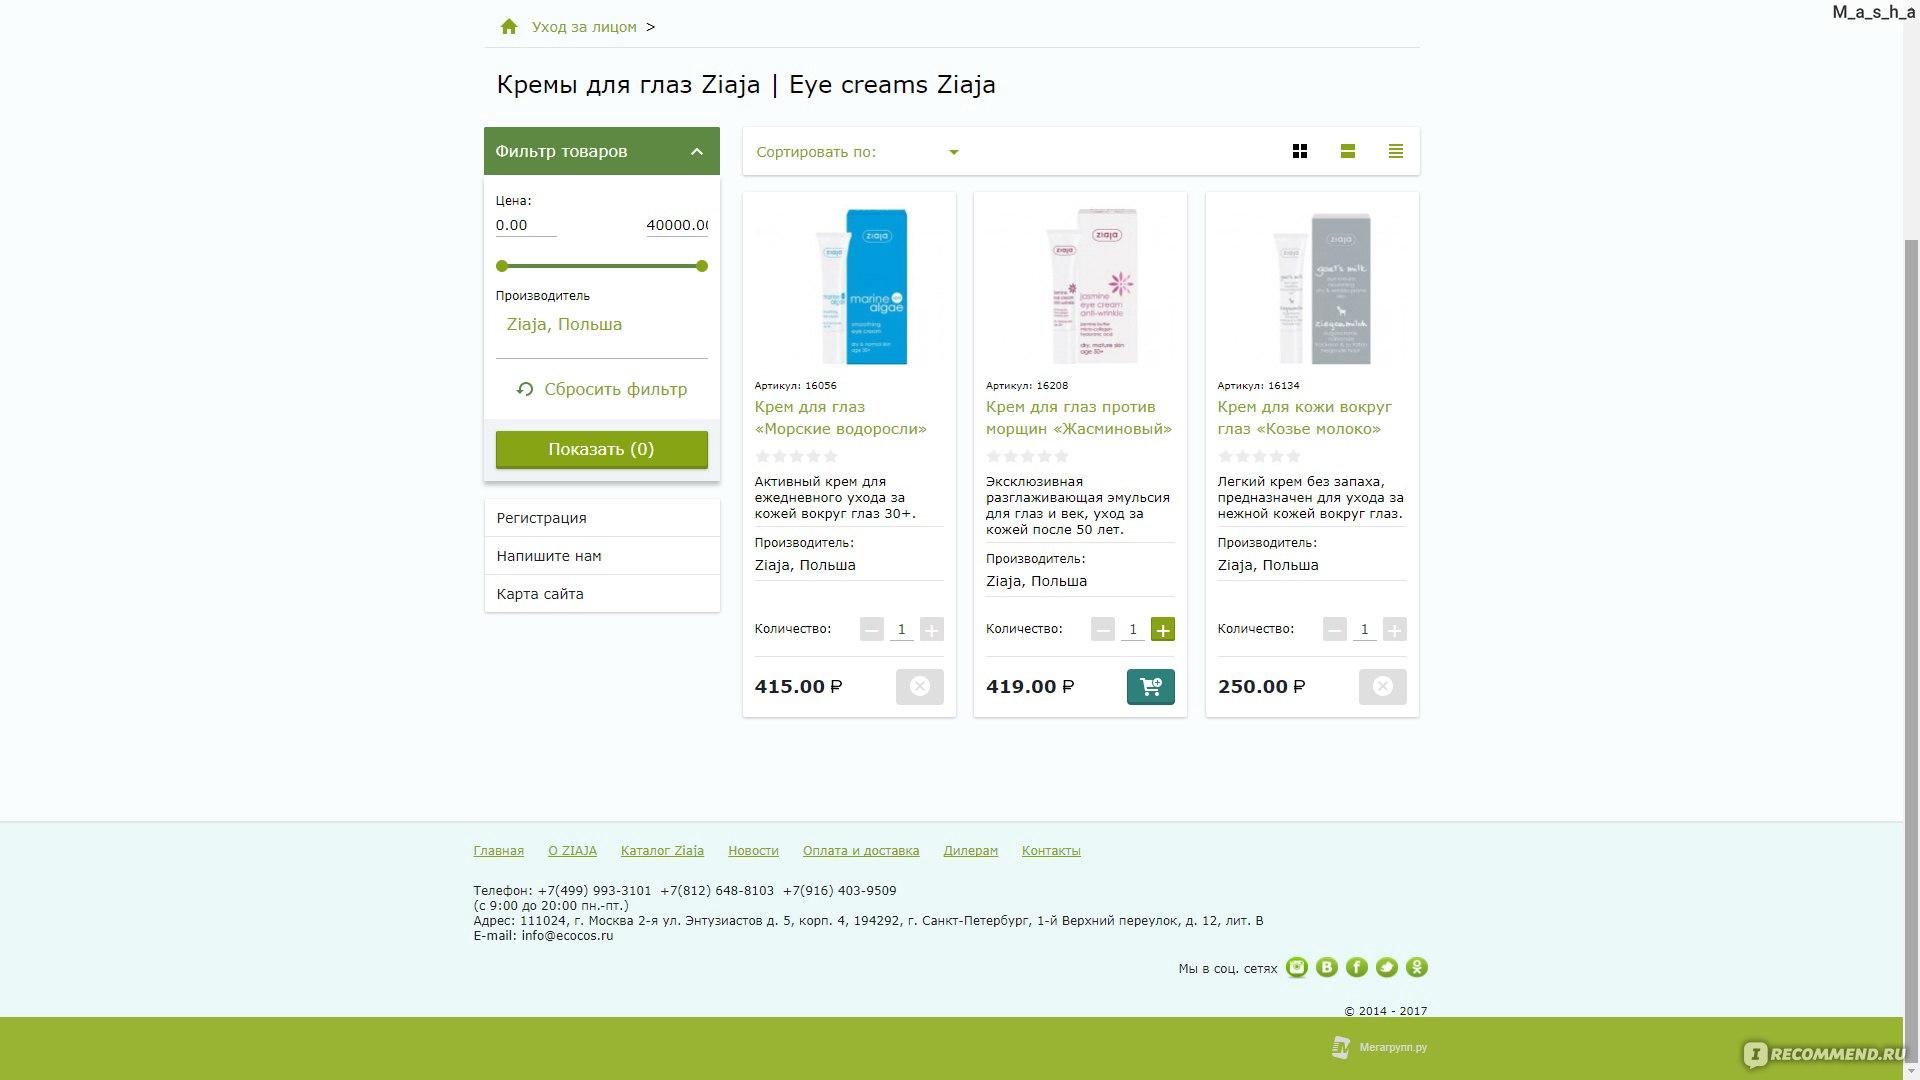 Польская косметика интернет-магазин